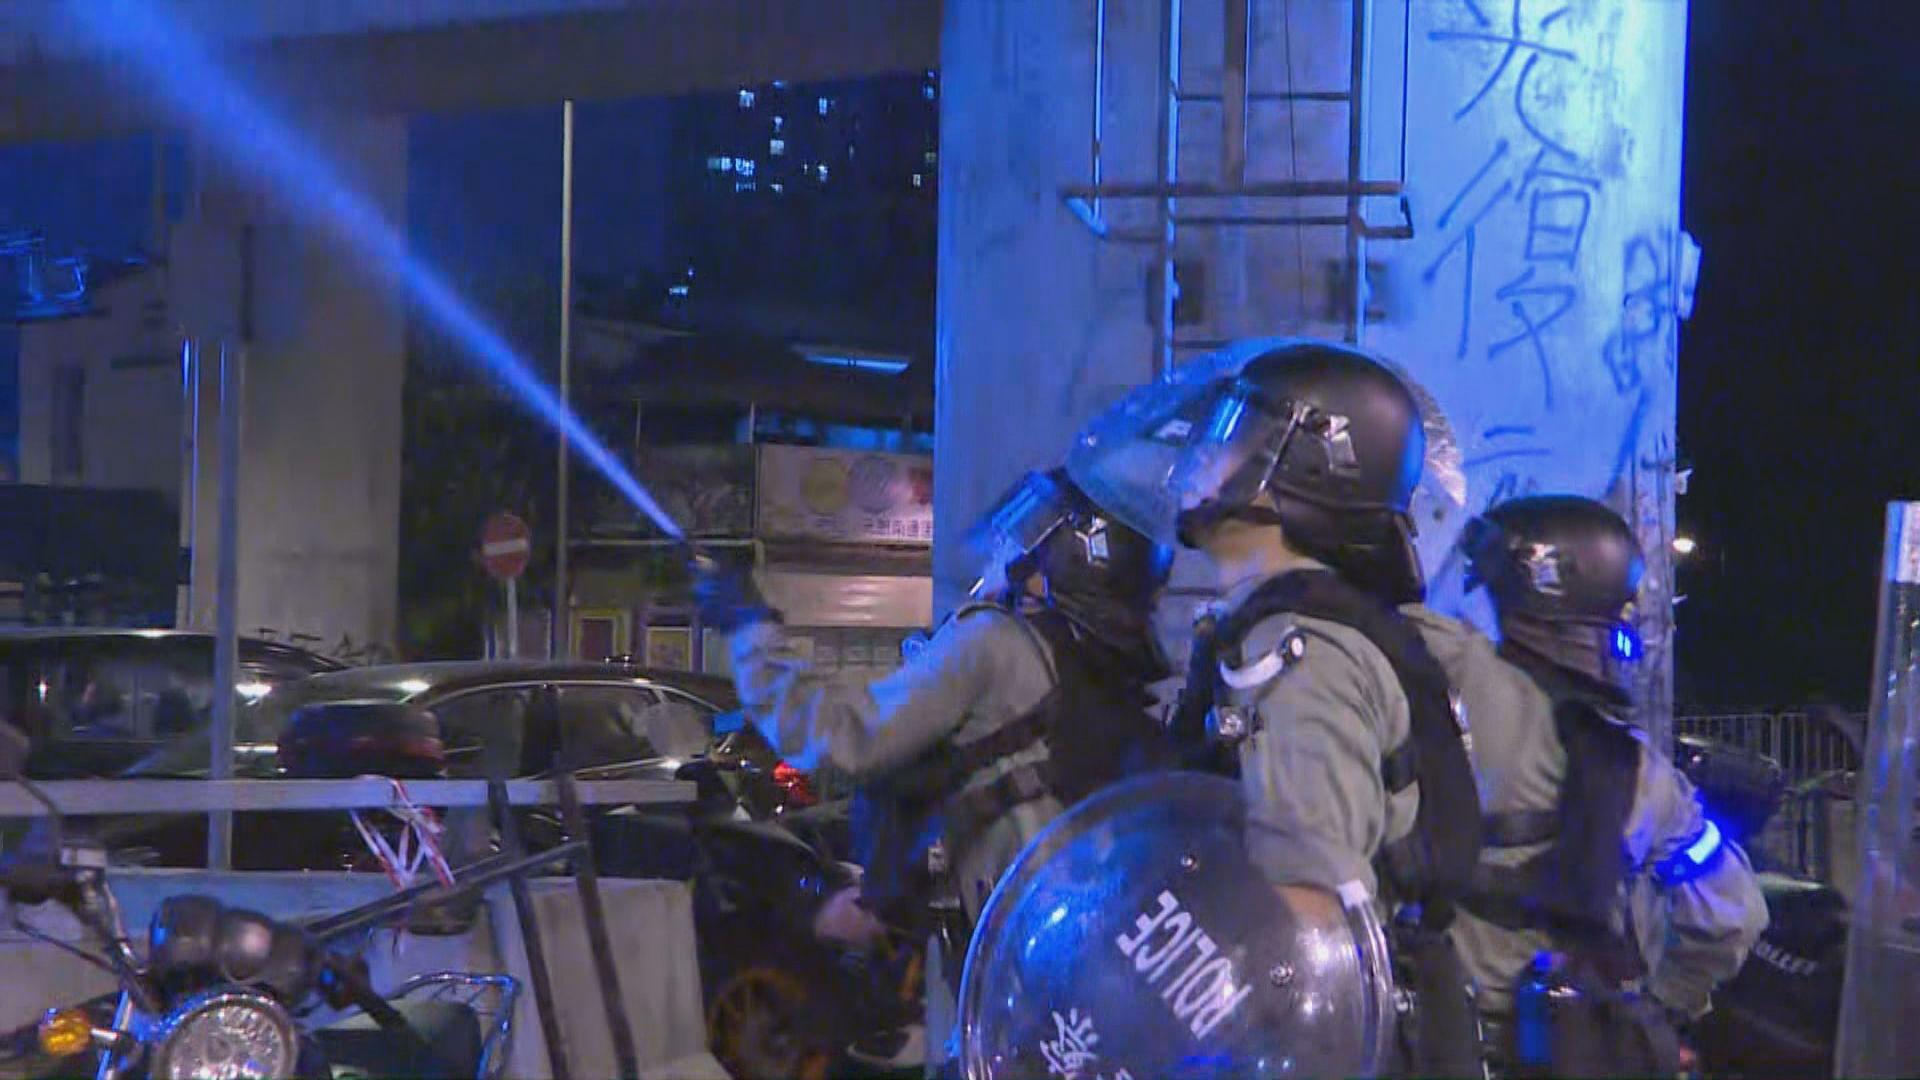 示威者元朗站一帶聚集 防暴警一度施放胡椒噴劑